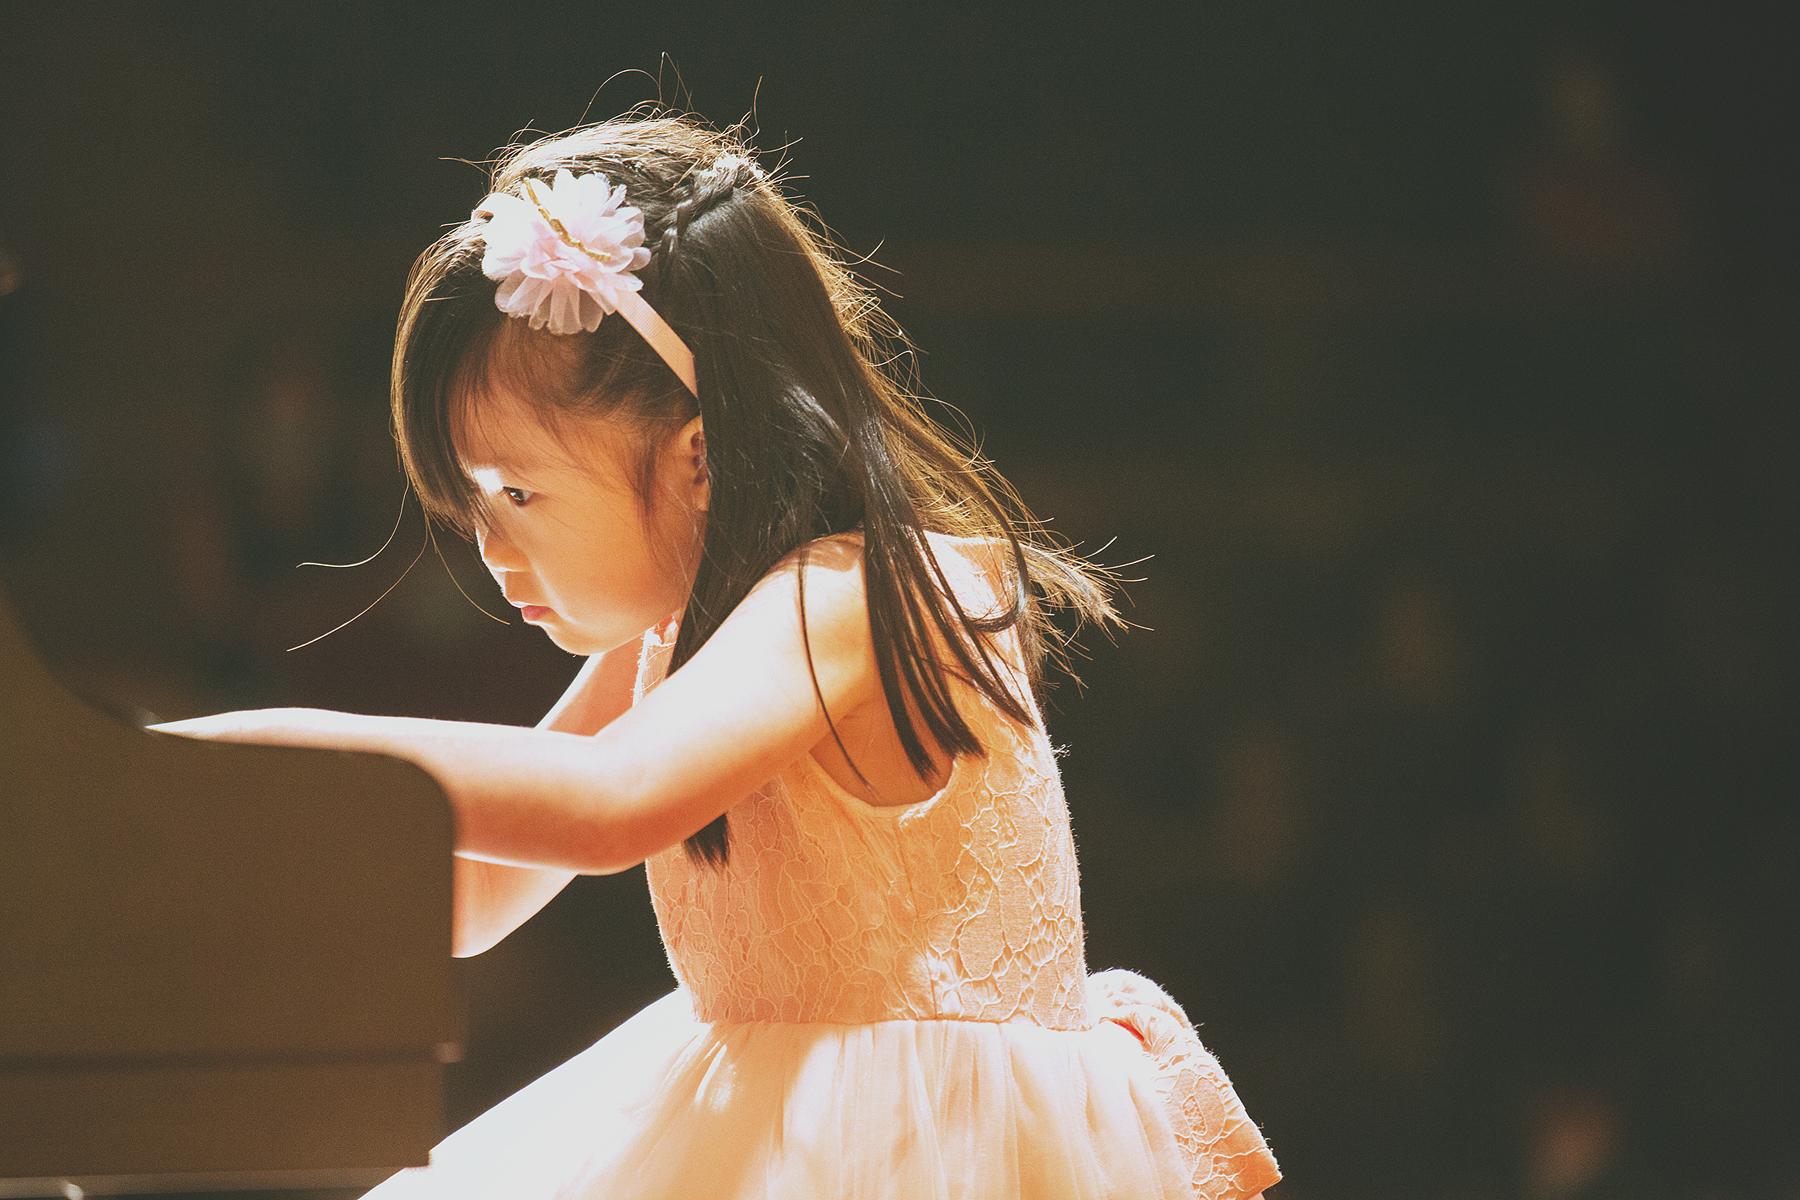 音樂會,音樂會攝影,活動攝影,活動紀錄,台北,桃園,小朋友,蘆洲功學社音樂廳